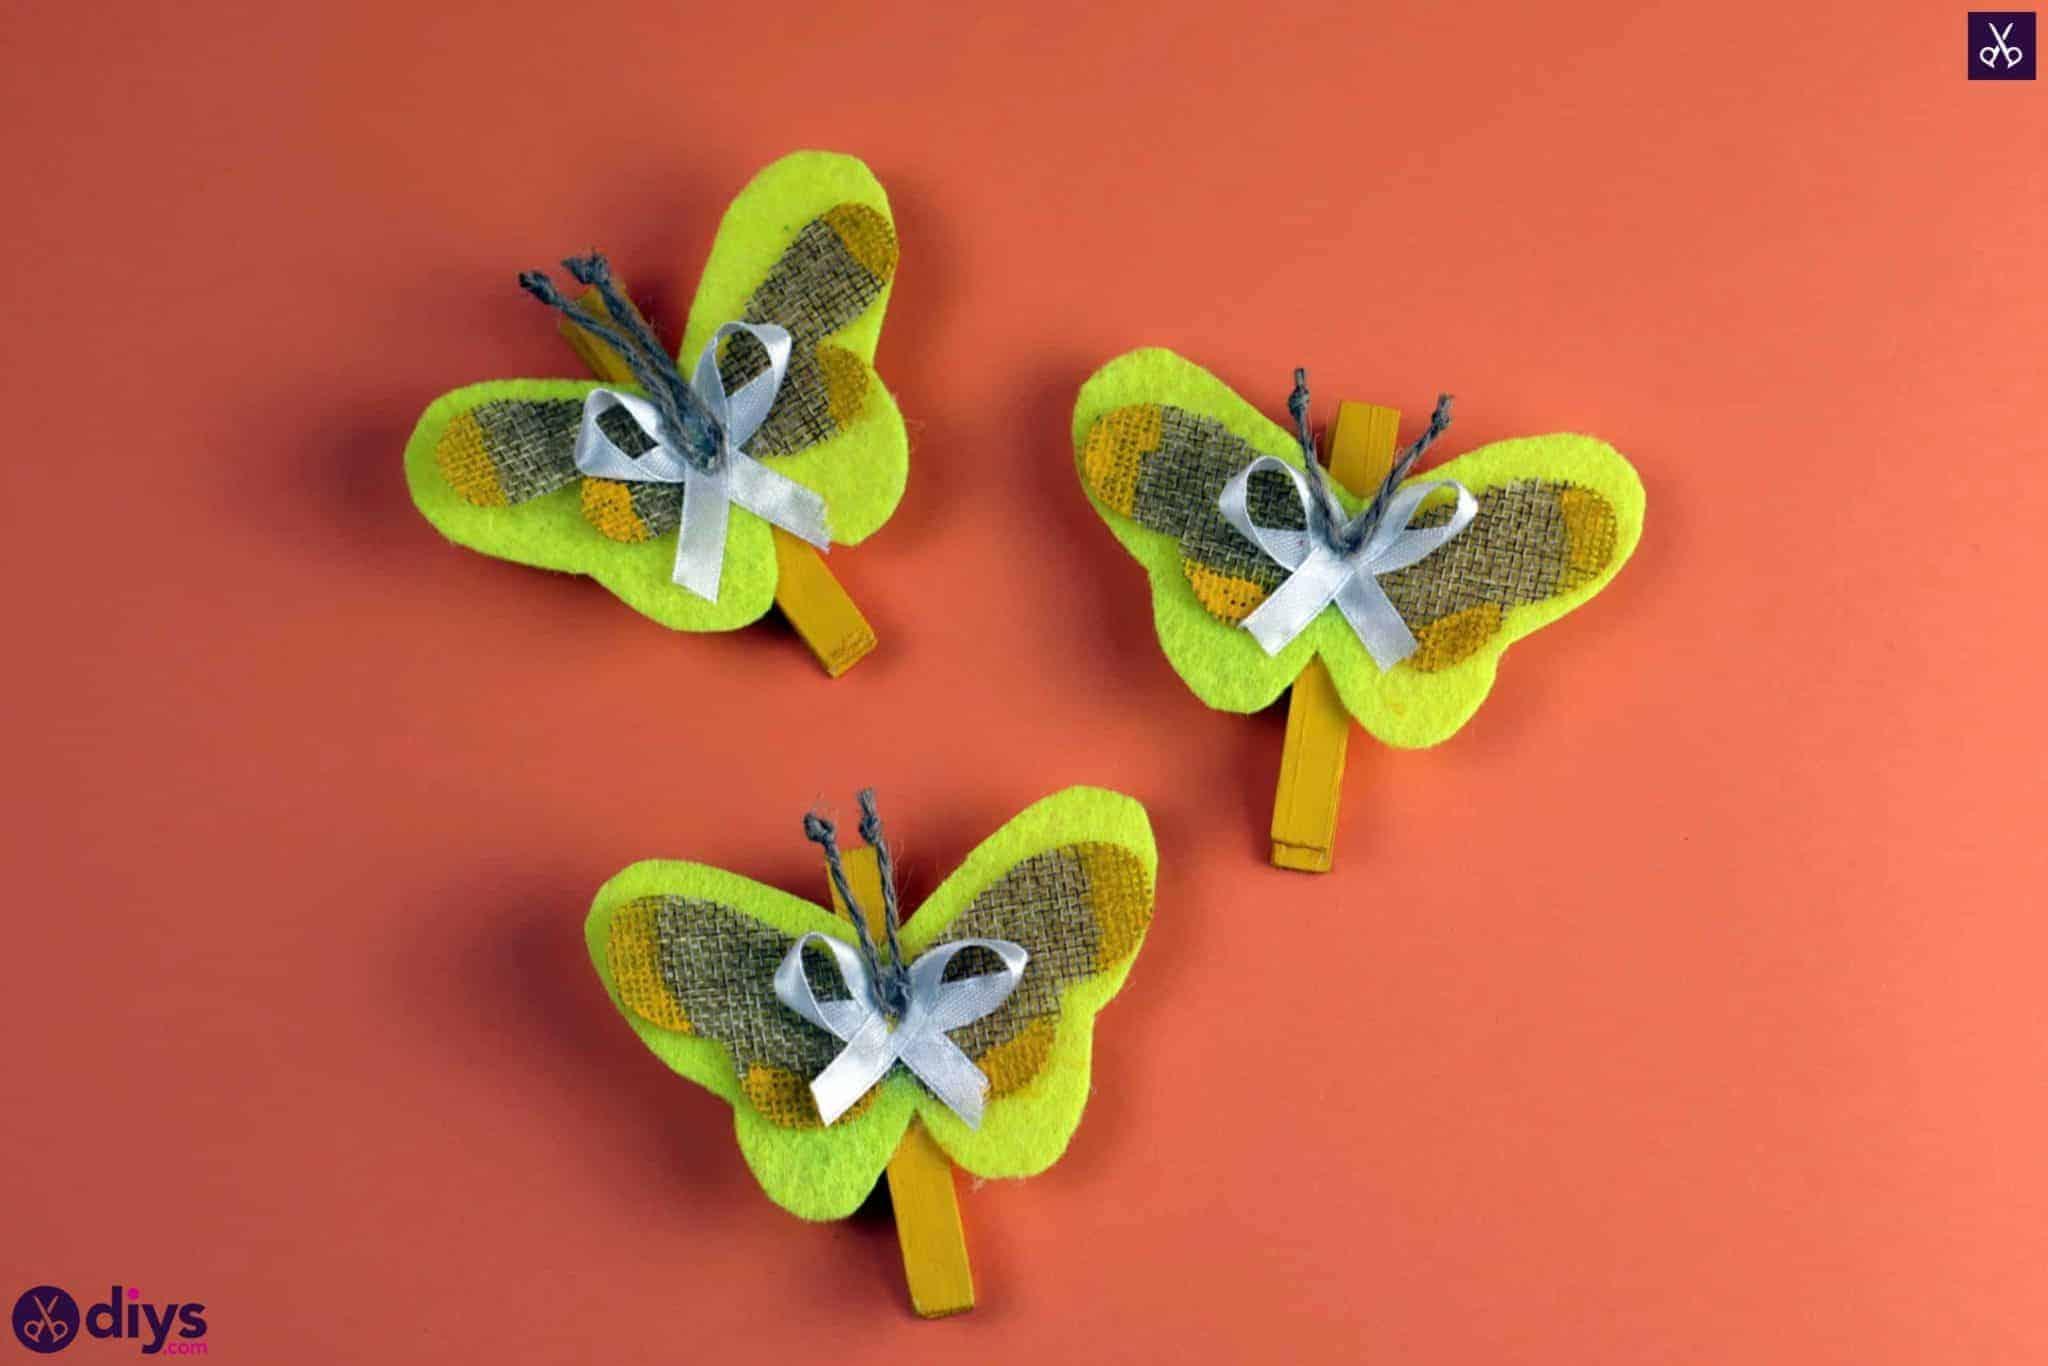 Comment fabriquer un papillon à partir d'une pince à linge simple projet coloré 2048x1366